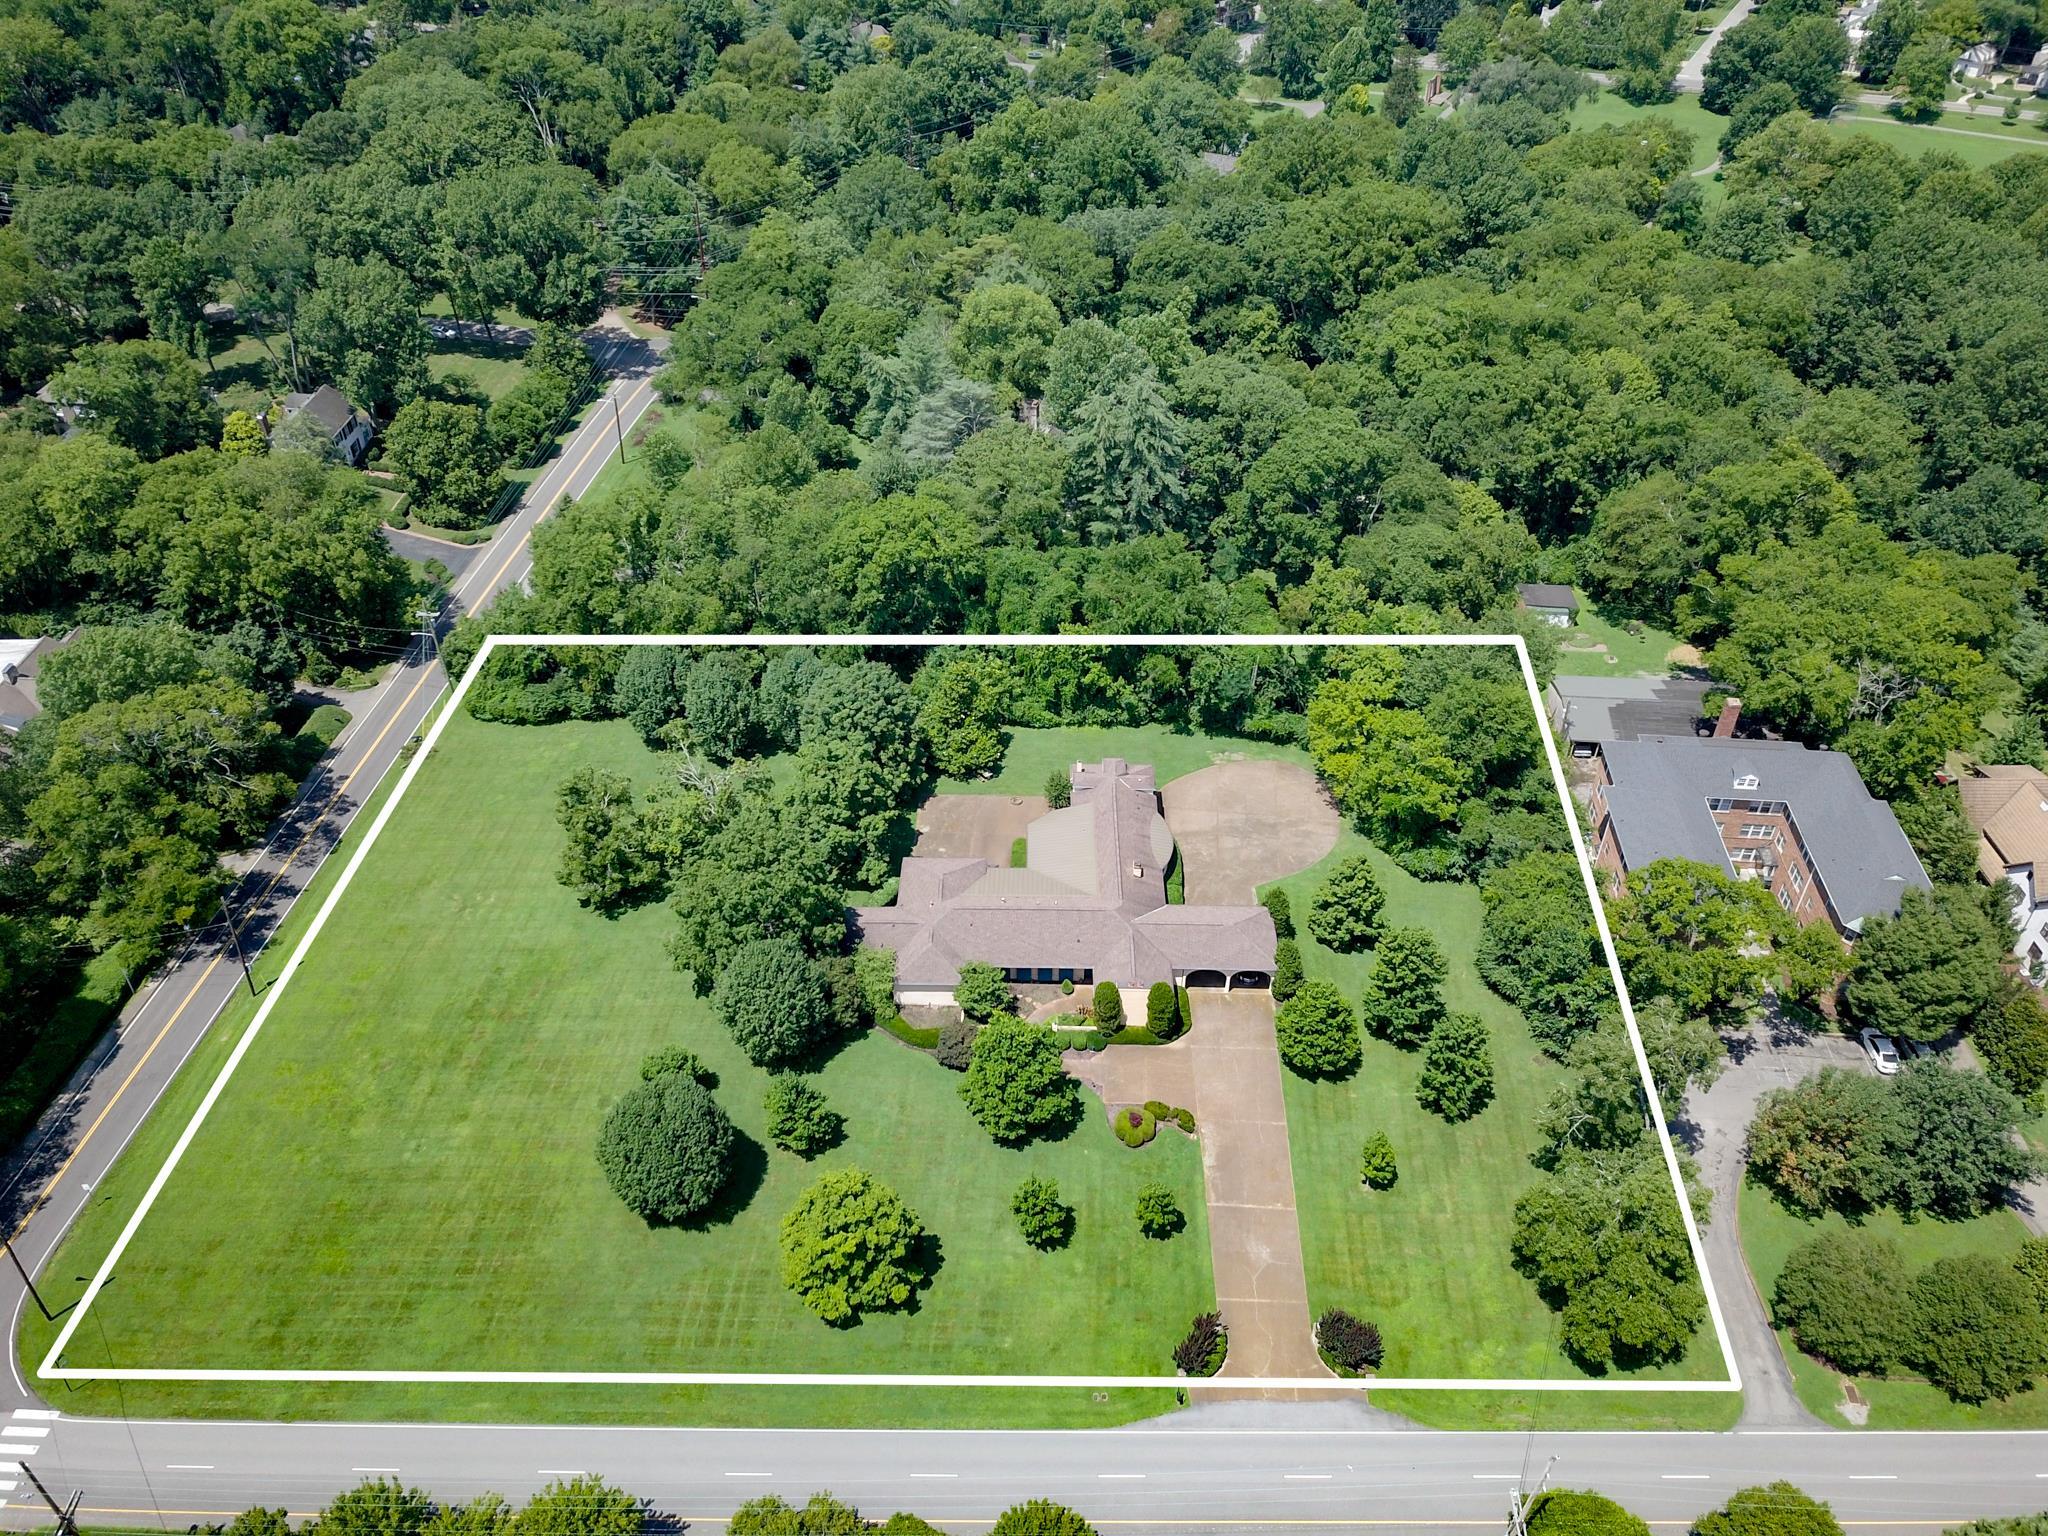 533 Belle Meade Blvd, Nashville, TN 37205 - Nashville, TN real estate listing